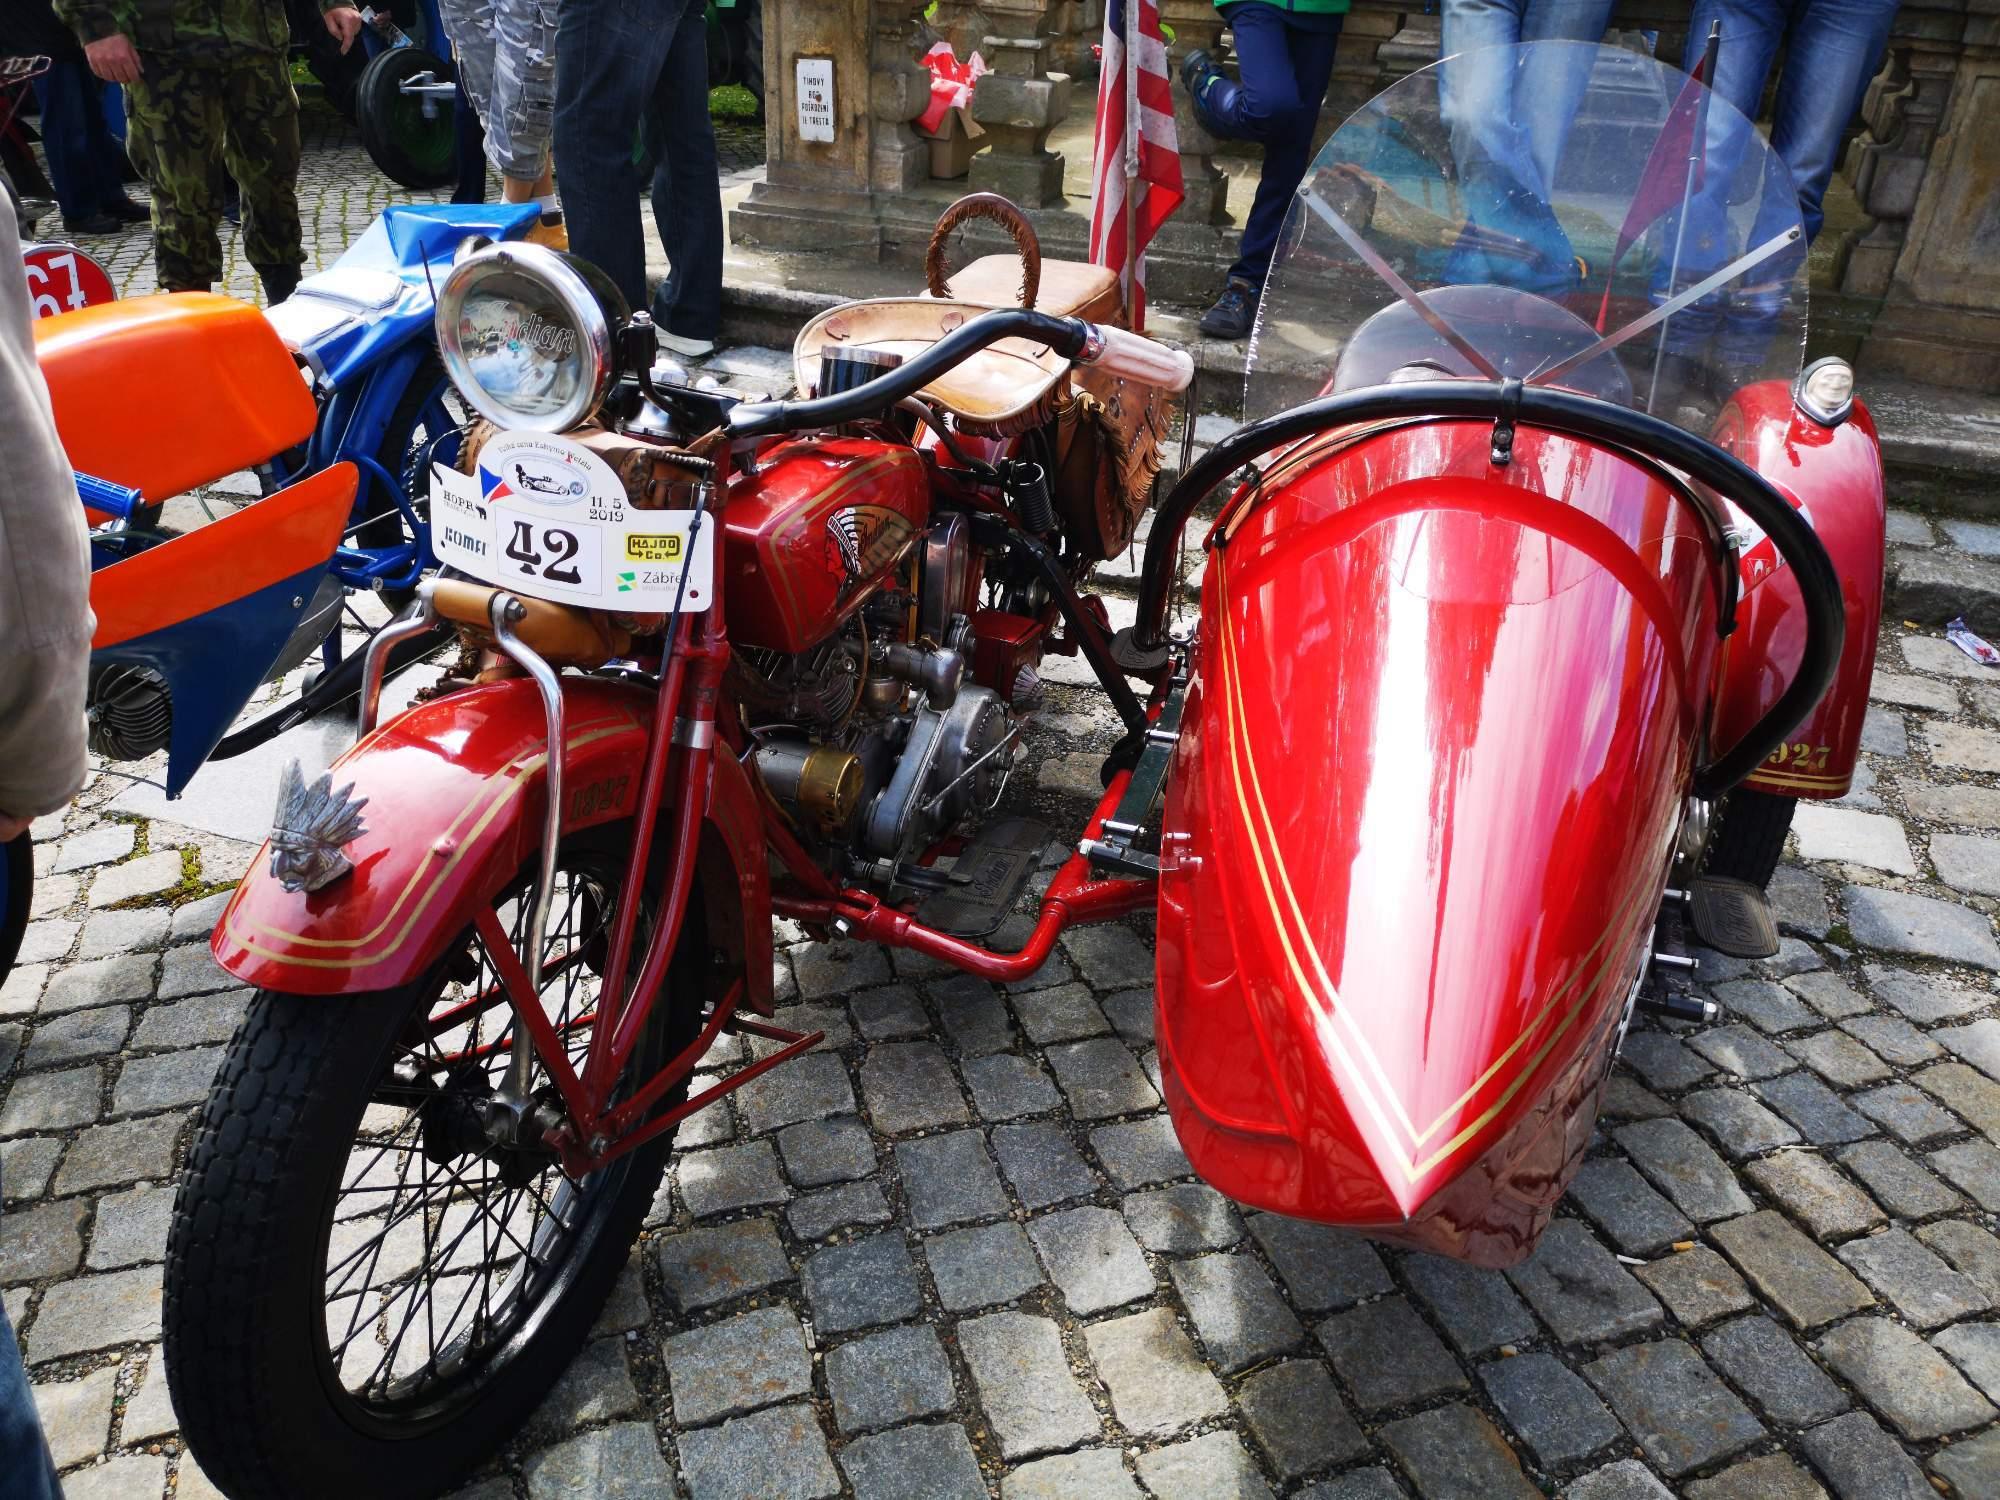 Motocykl americké značky Indian byl jediným exemplářem se sajdkárou. Foto: Jiří Černý